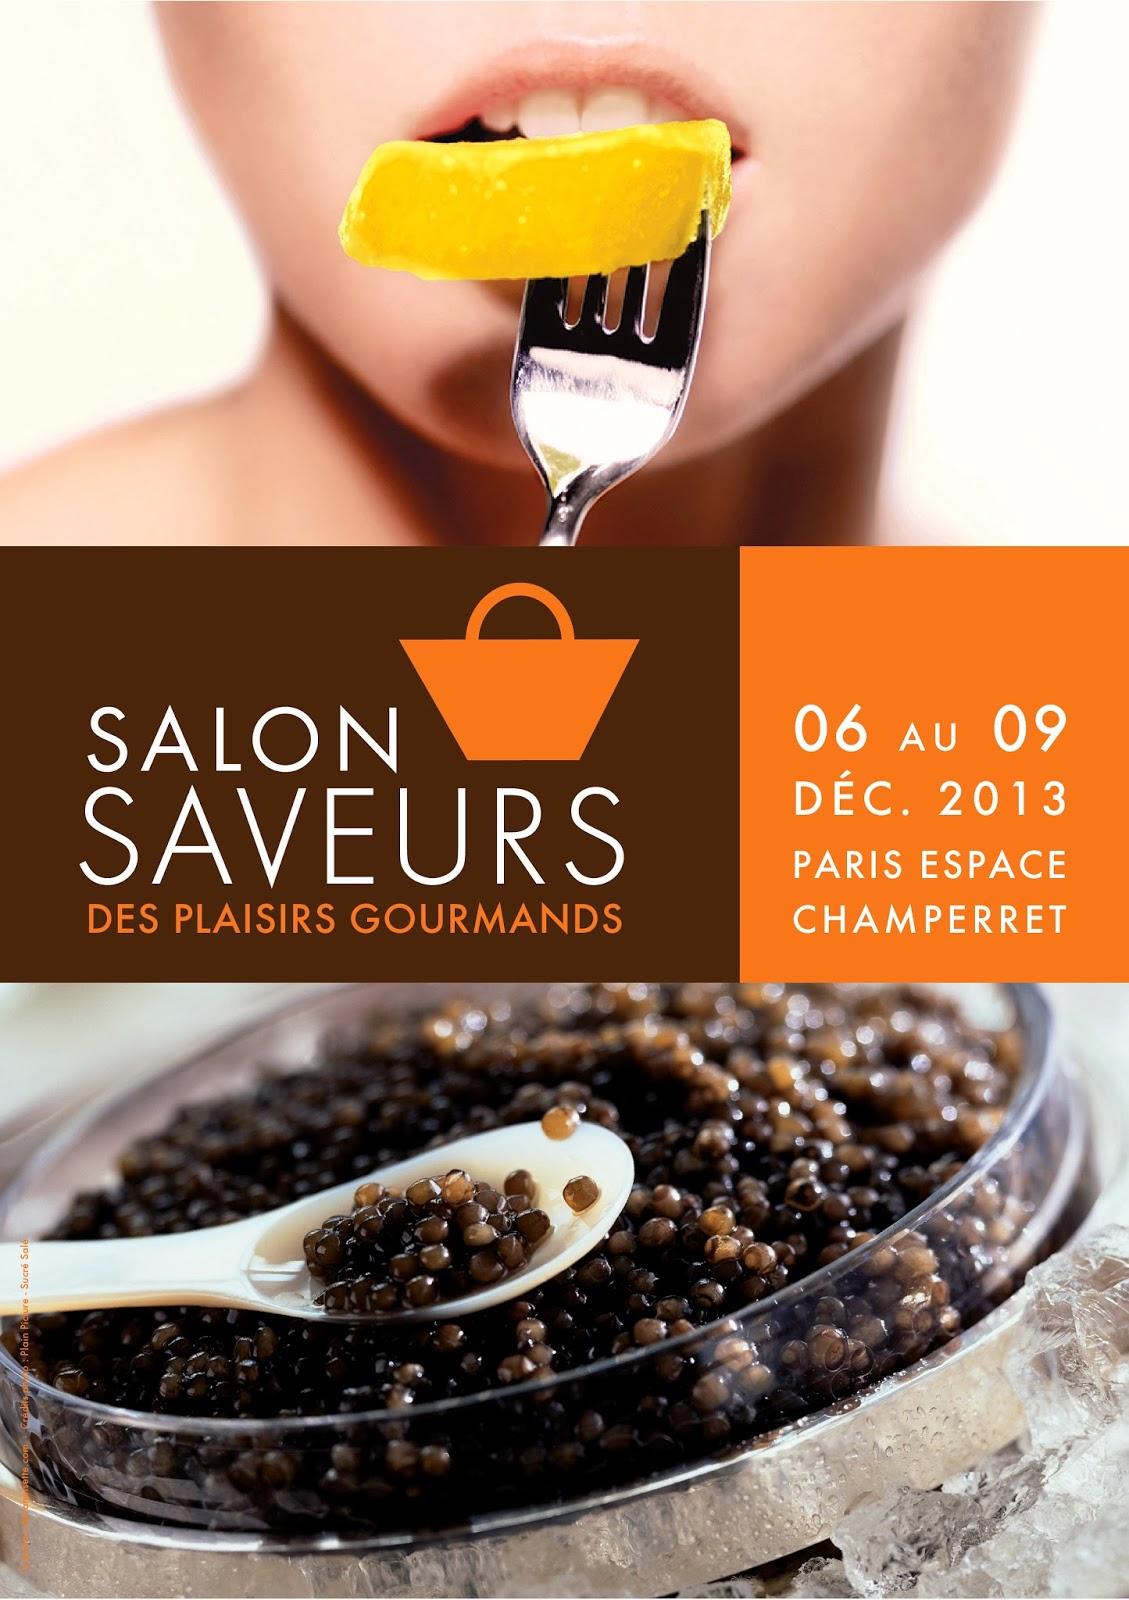 Les p tisseries d 39 lodie v nement salon saveurs des plaisirs gourmands - Salon saveurs espace champerret ...